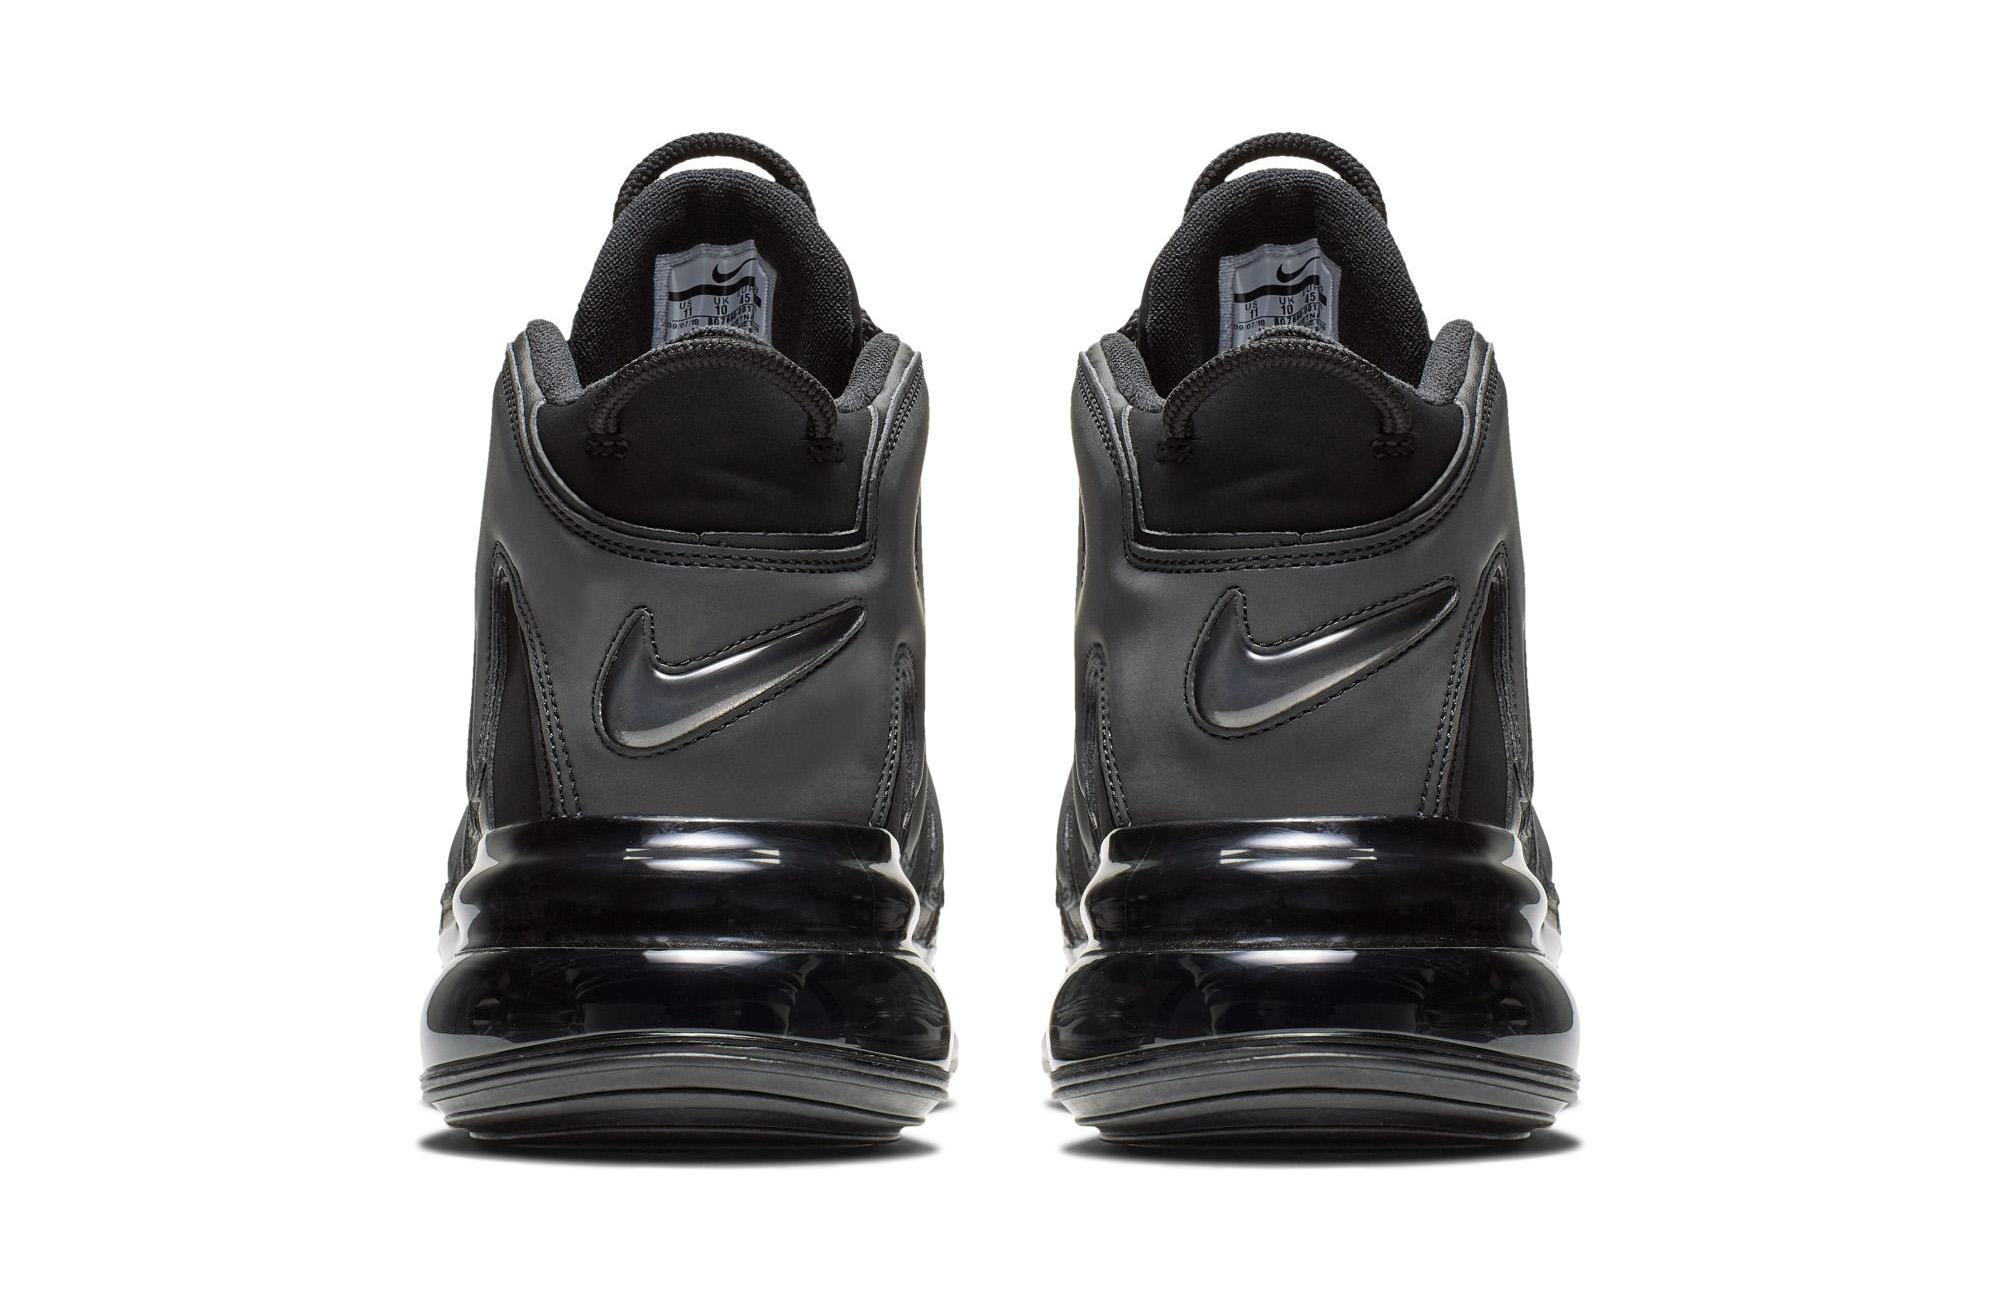 quality design 78e39 41cc8 Nike-Air-More-Uptempo-720-3